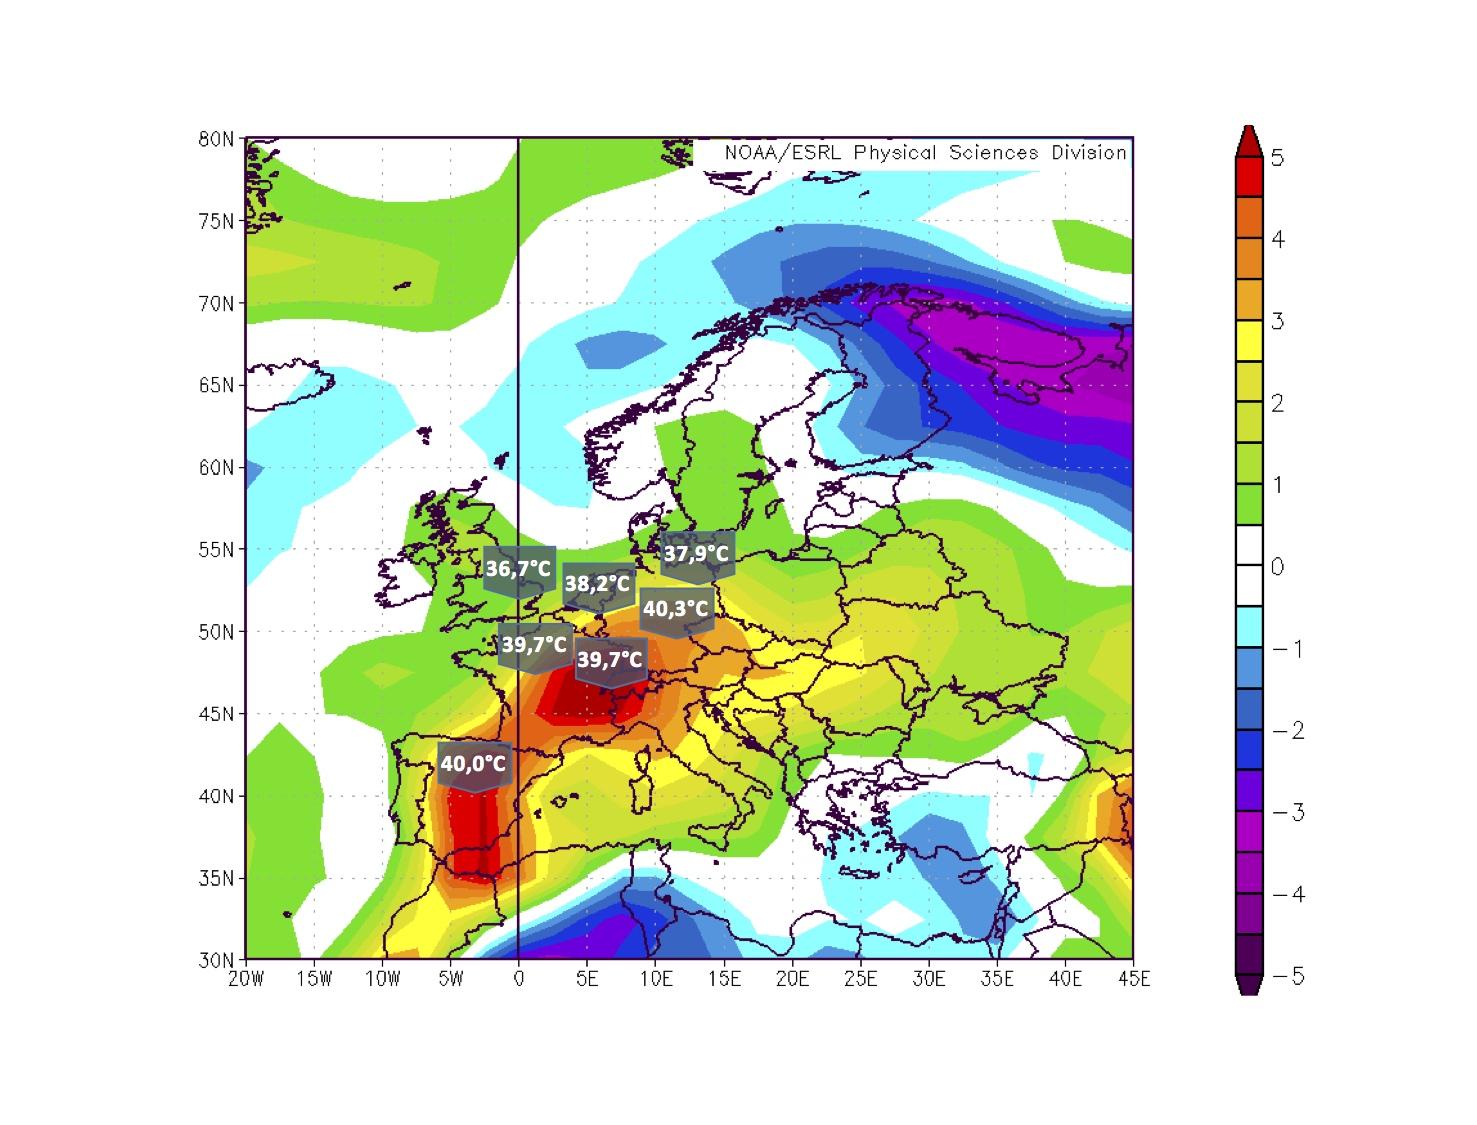 Die Hitzewoche von Anfang Juli brachte in weiten Teilen Europas rekordhohe Temperaturen. Von Spanien und Frankreich bis nach Deutschland und auch in der Schweiz stieg das Thermometer bis auf knapp 40 Grad.